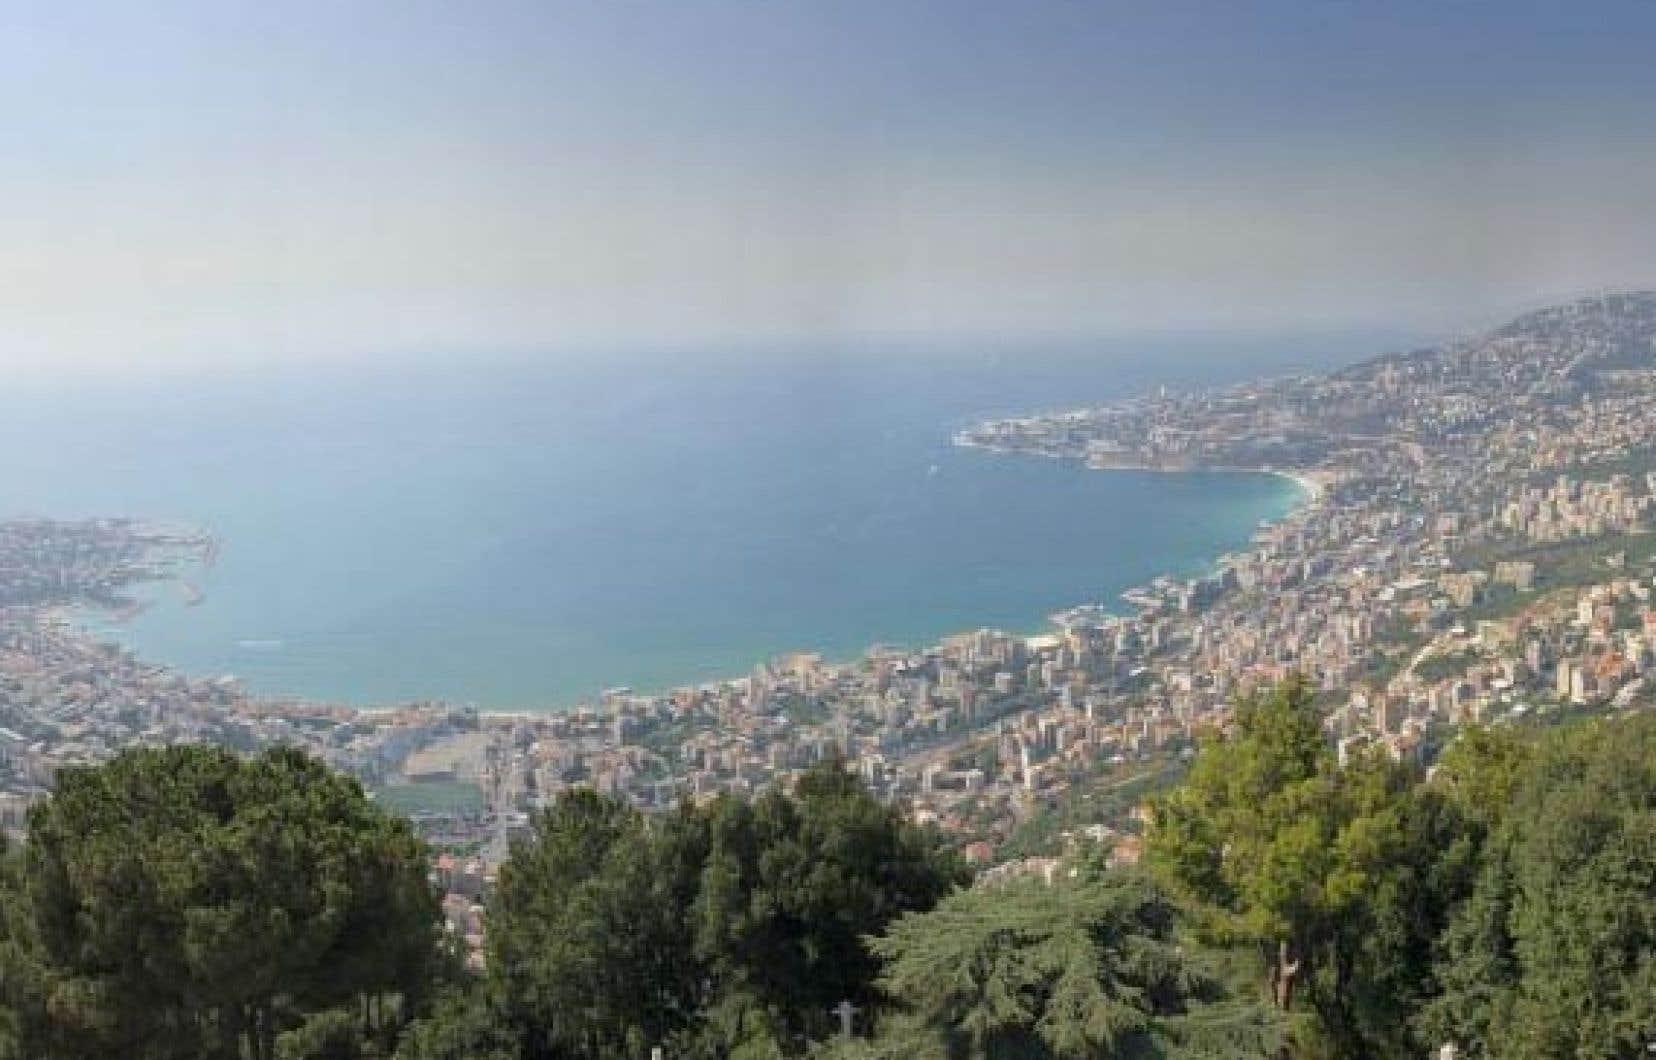 À une vingtaine de kilomètres au nord de Beyrouth et de ses gratte-ciel, Jounieh déploie ses charmes autour d'une baie sereine, sans doute la plus belle du monde après celle de Rio de Janeiro.